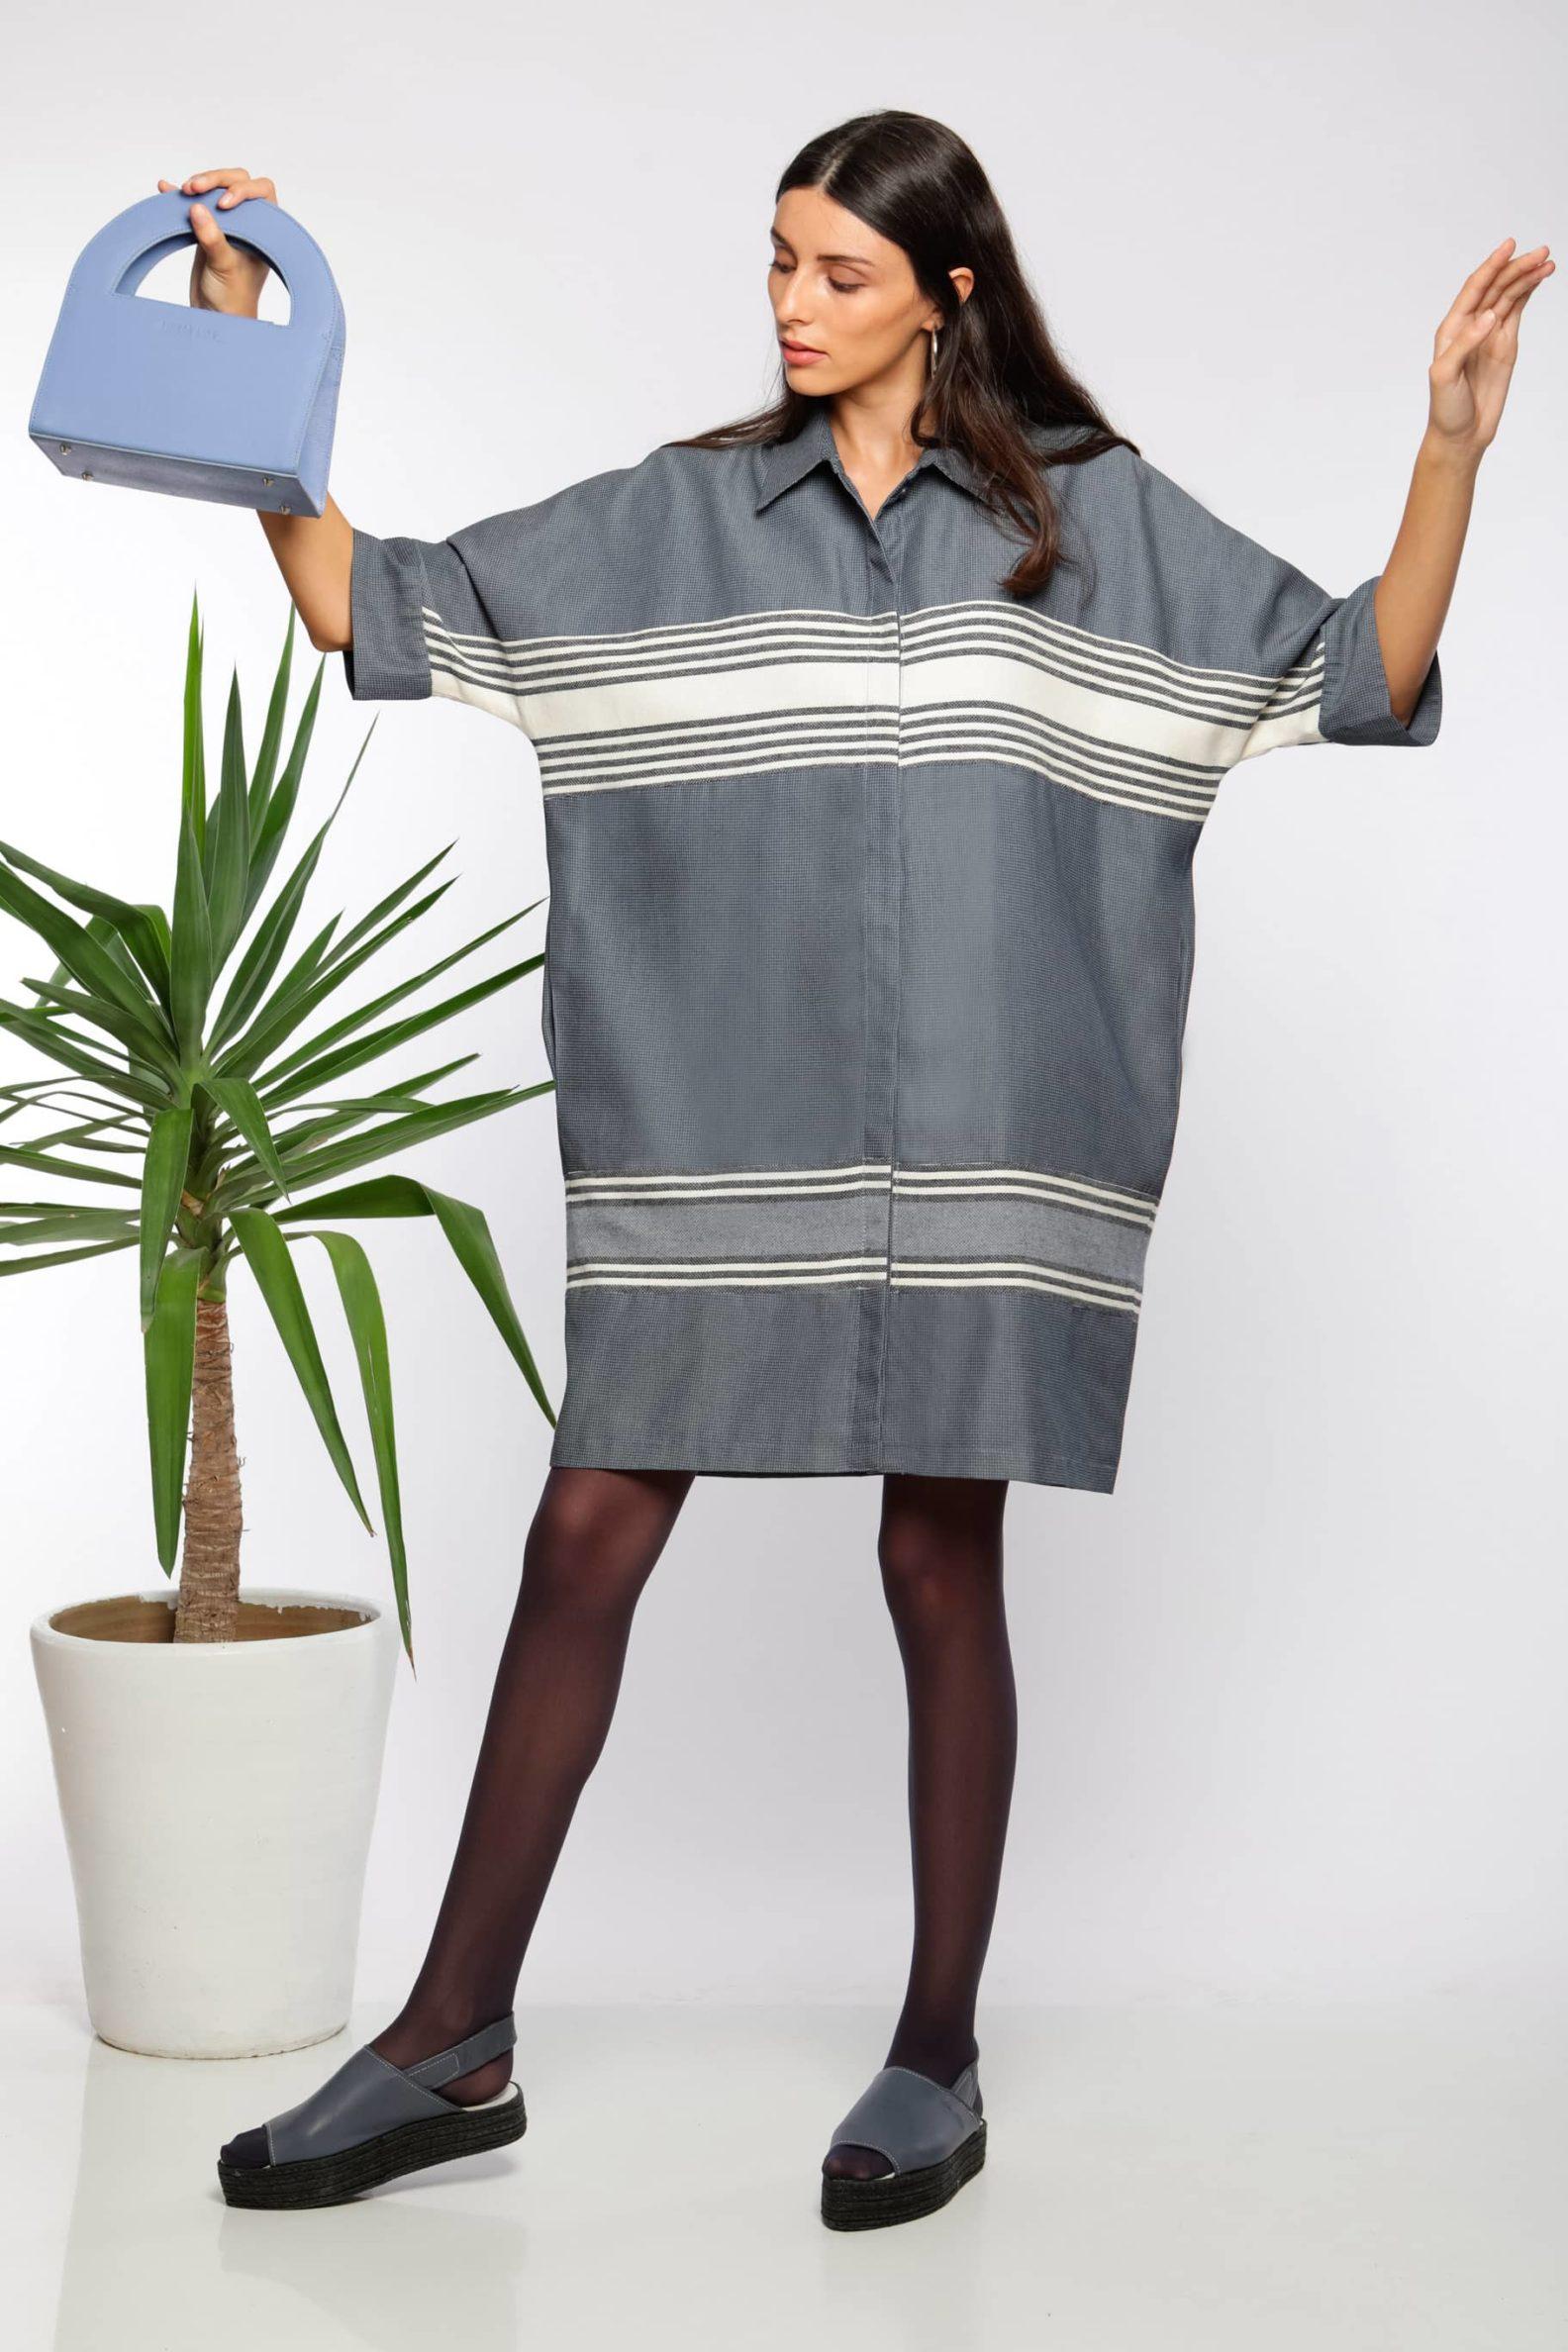 Robe chemise midi I En coton tissé à la main I Anissa Aïda I Vue en mouvement I Label AÉ Paris